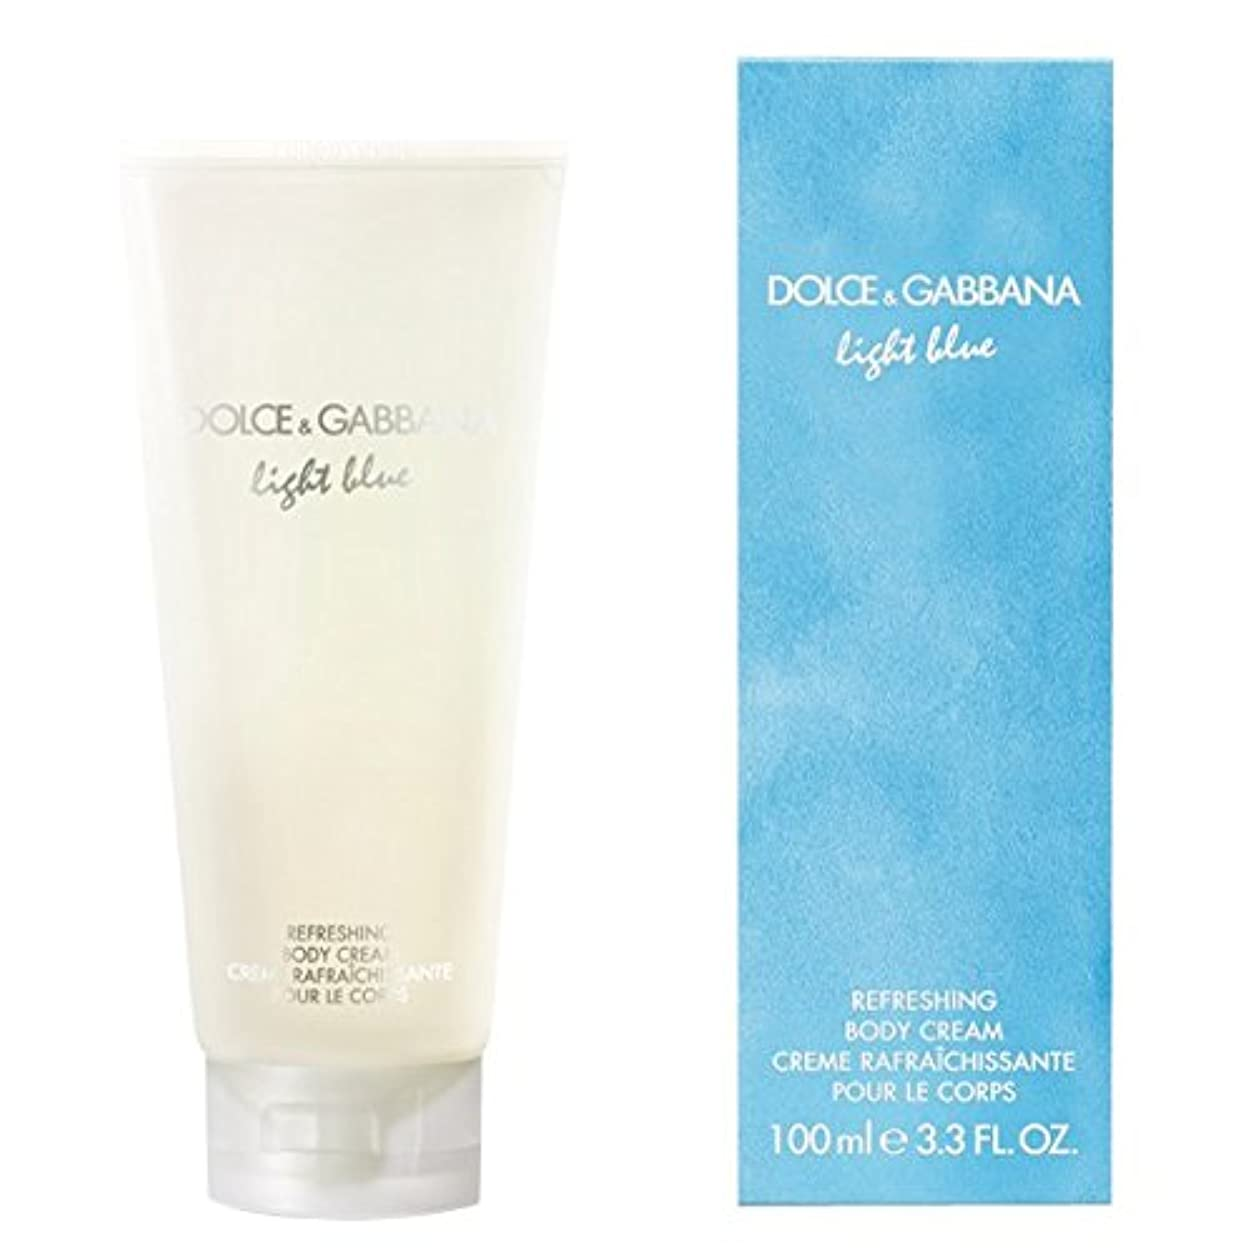 遺伝子花火まぶしさドルチェ&ガッバーナライトブルーの爽やかなボディクリーム200ミリリットル (Dolce & Gabbana) (x2) - Dolce & Gabbana Light Blue Refreshing Body Cream...